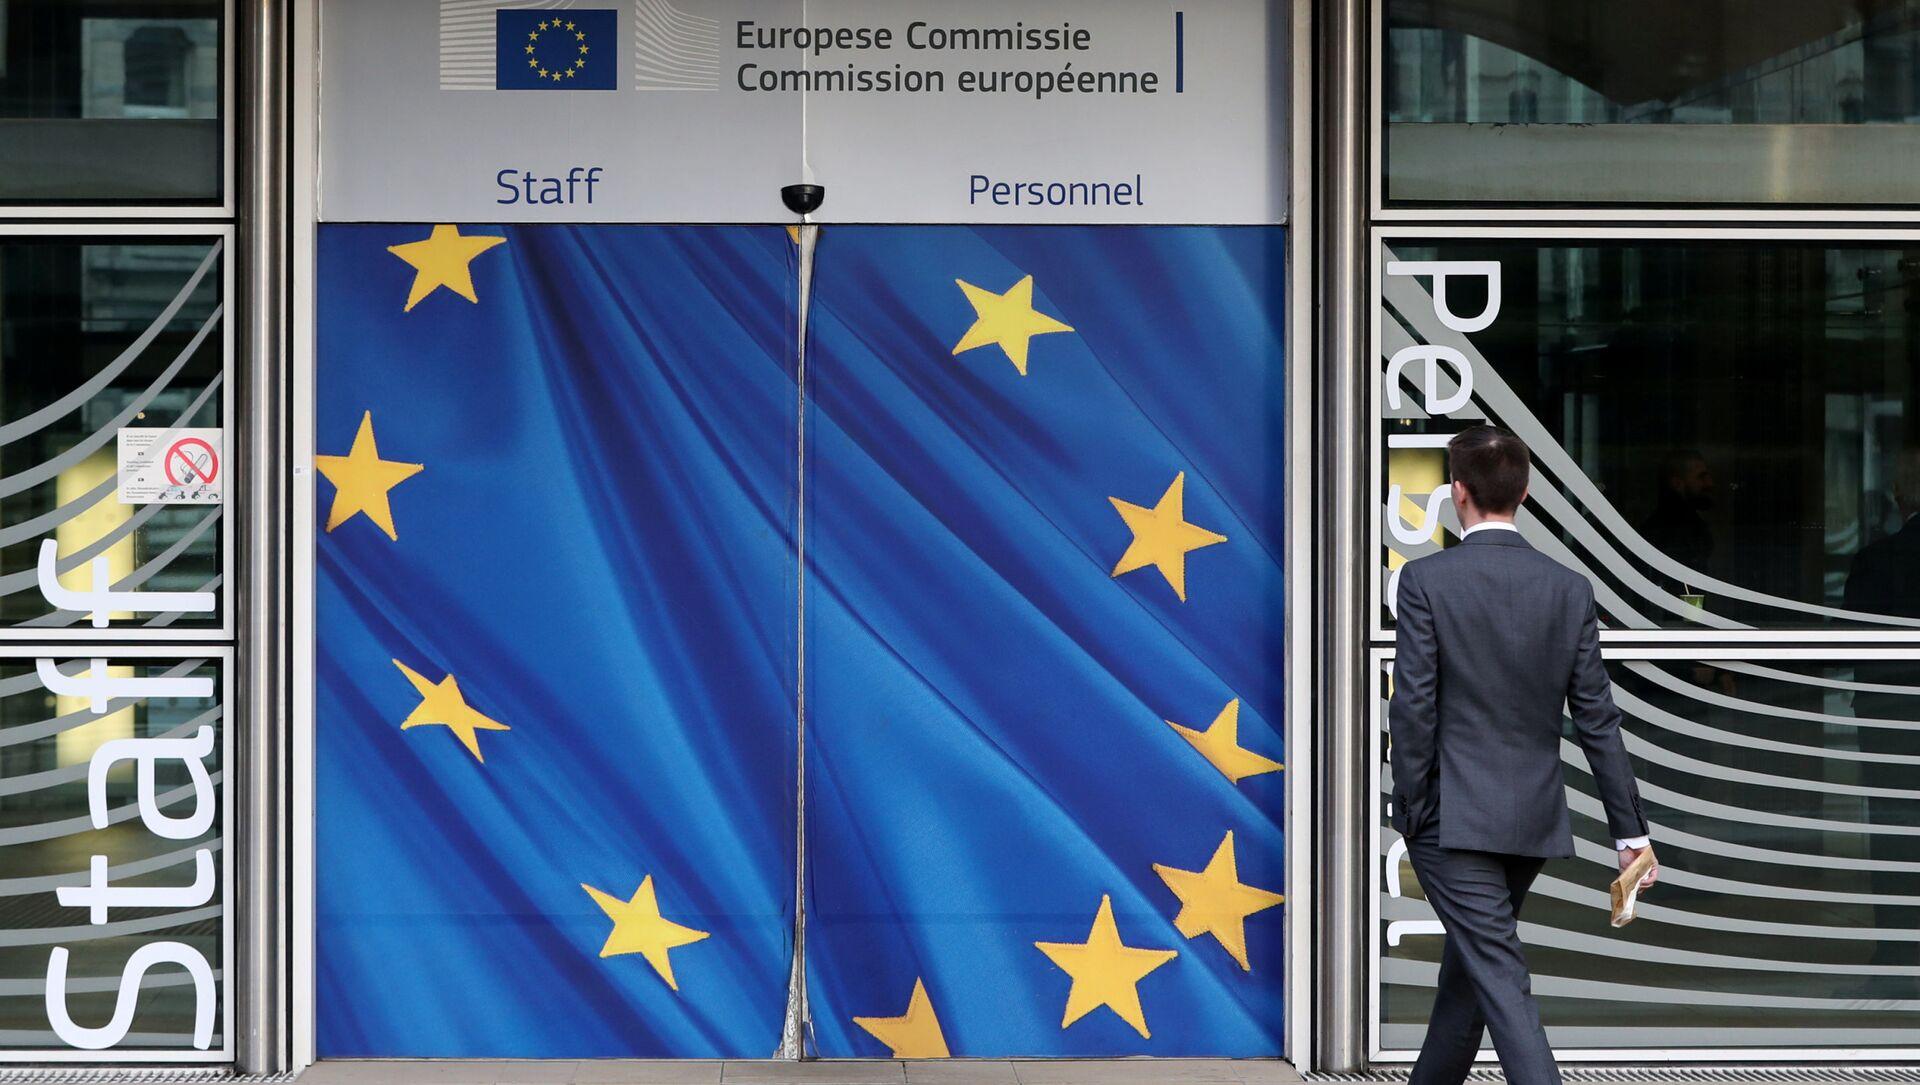 Il quartier generale della Commissione Europea a Bruxelles - Sputnik Italia, 1920, 01.03.2021